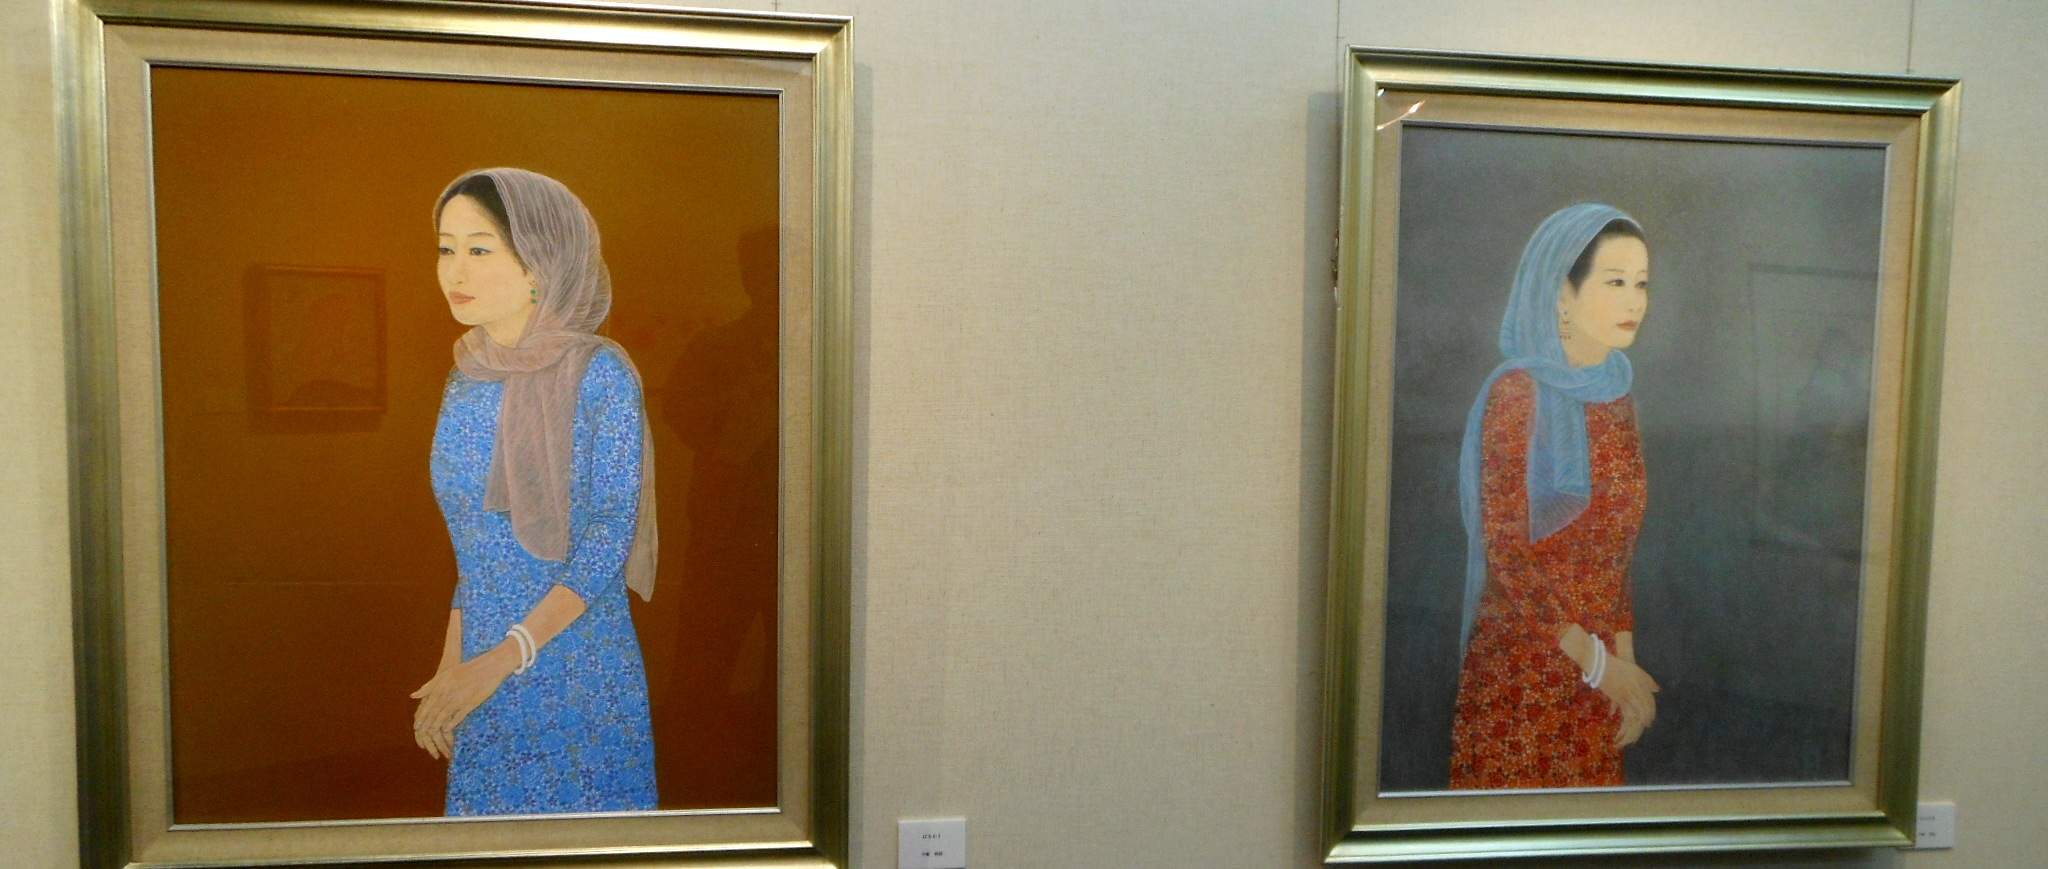 1789)④「北の日本画展 第27回」 時計台 終了5月21日(月)~5月26日(土) _f0126829_0522351.jpg